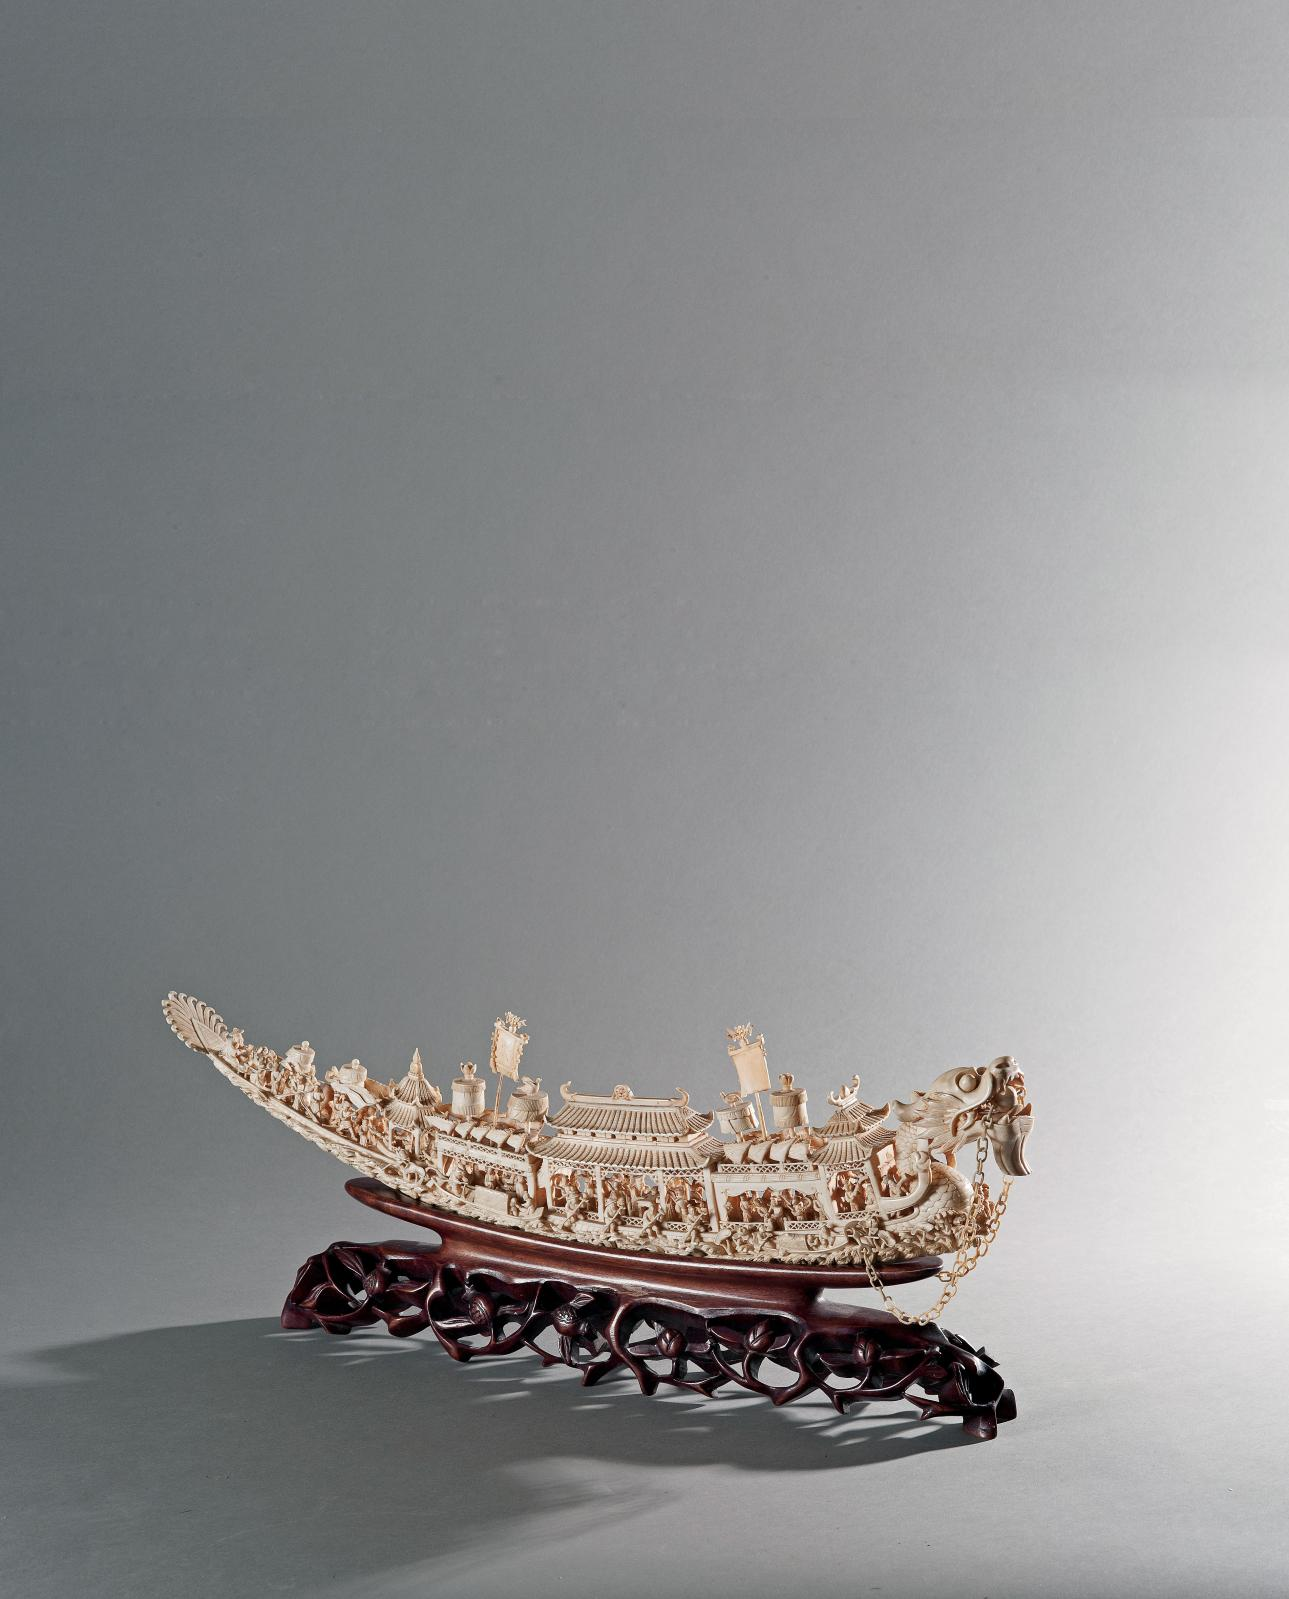 Groupe en ivoire représentant une jonque à tête de dragon, Chine, début du XXe siècle. l. 49cm. Paris, Drouot-Richelieu, 15mai2013. Delorme &Colli